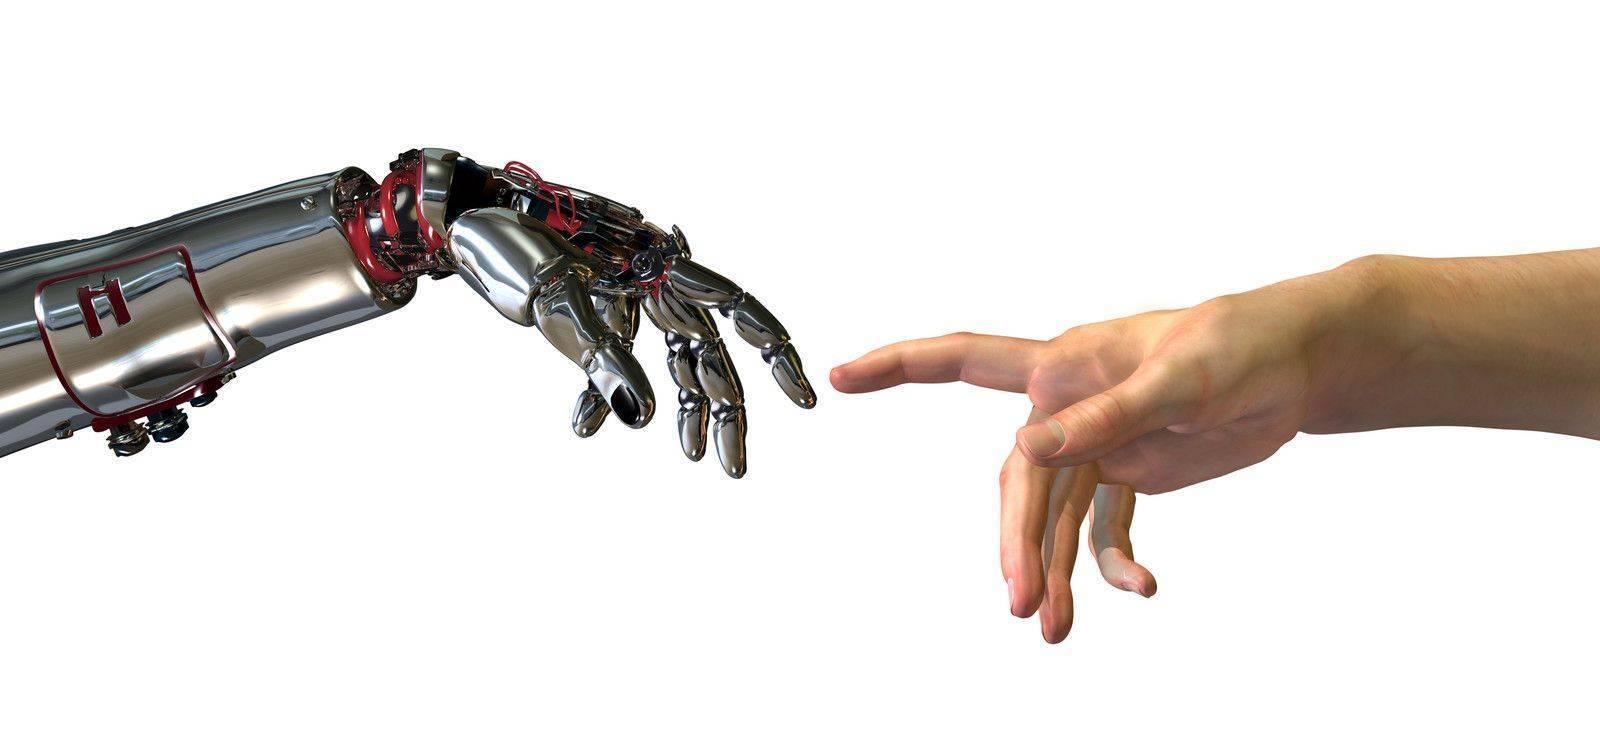 İnsan zihninin sınırları yapay zeka ve tıbbın geleceği